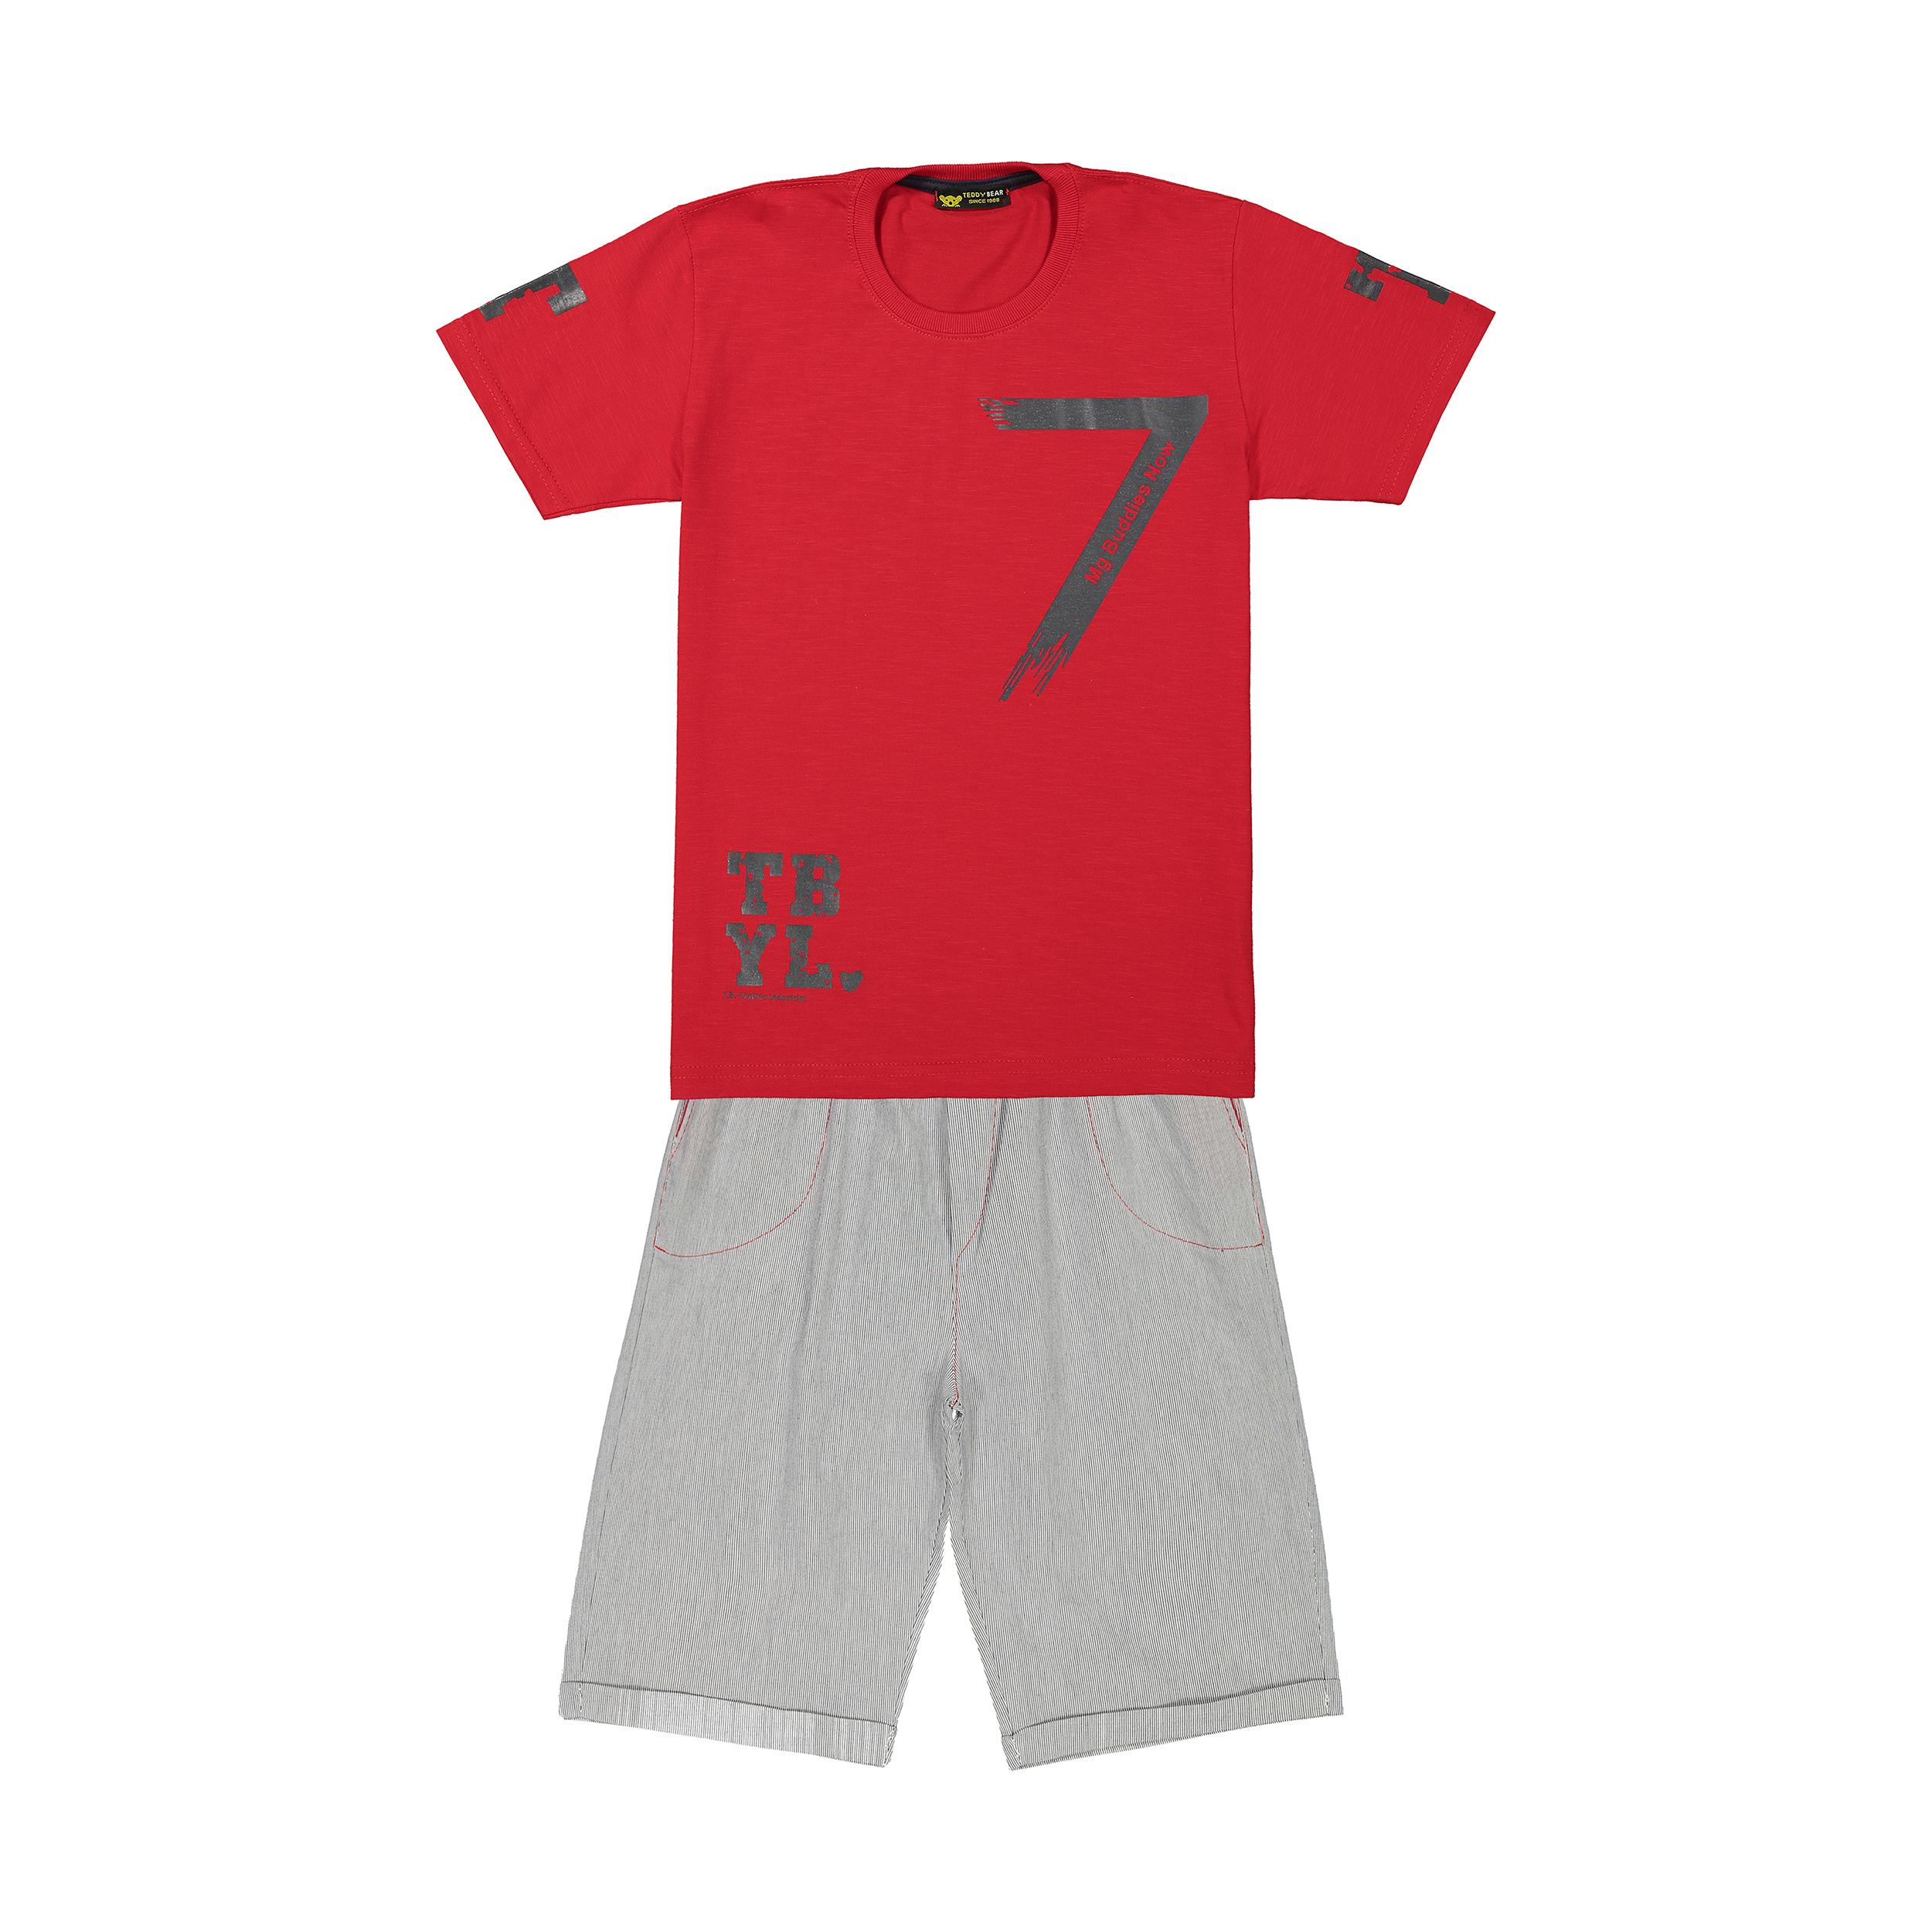 ست تی شرت و شلوارک پسرانه خرس کوچولو مدل 2011180-72